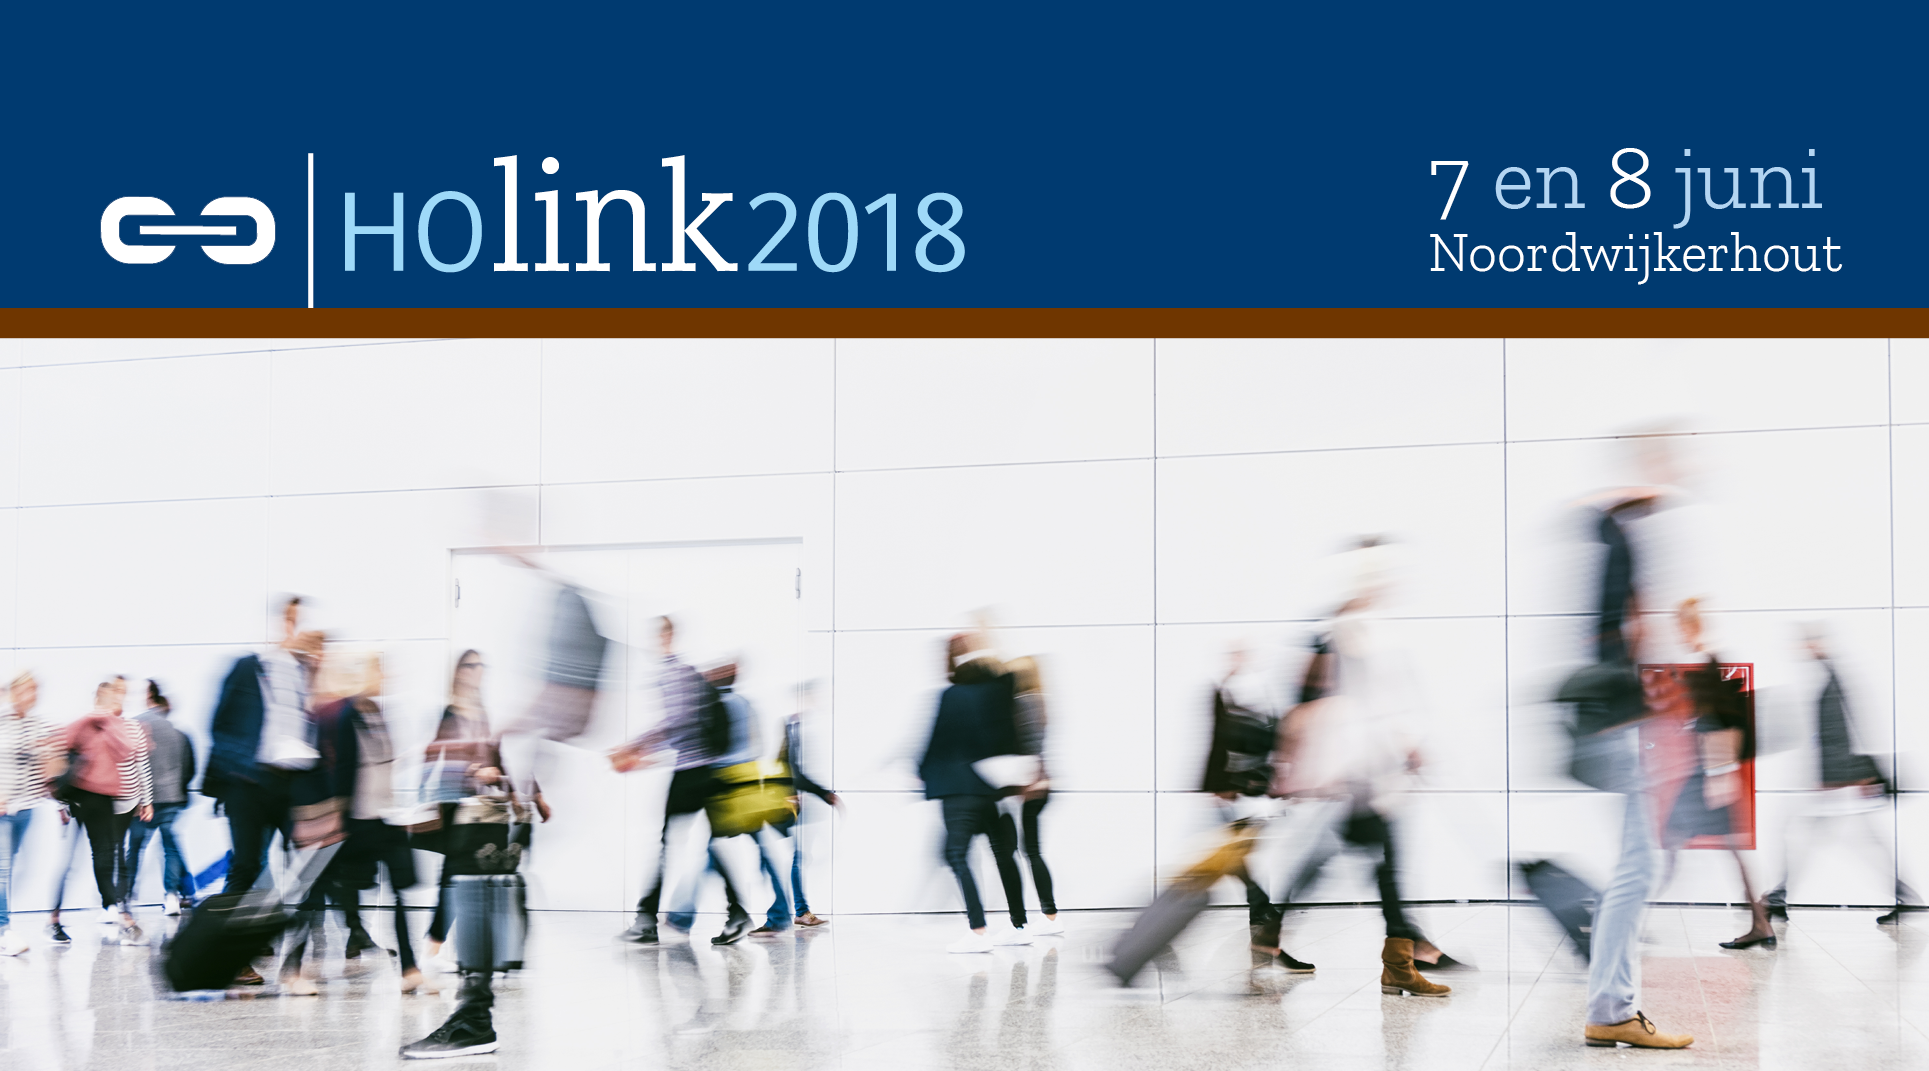 Holink 2018